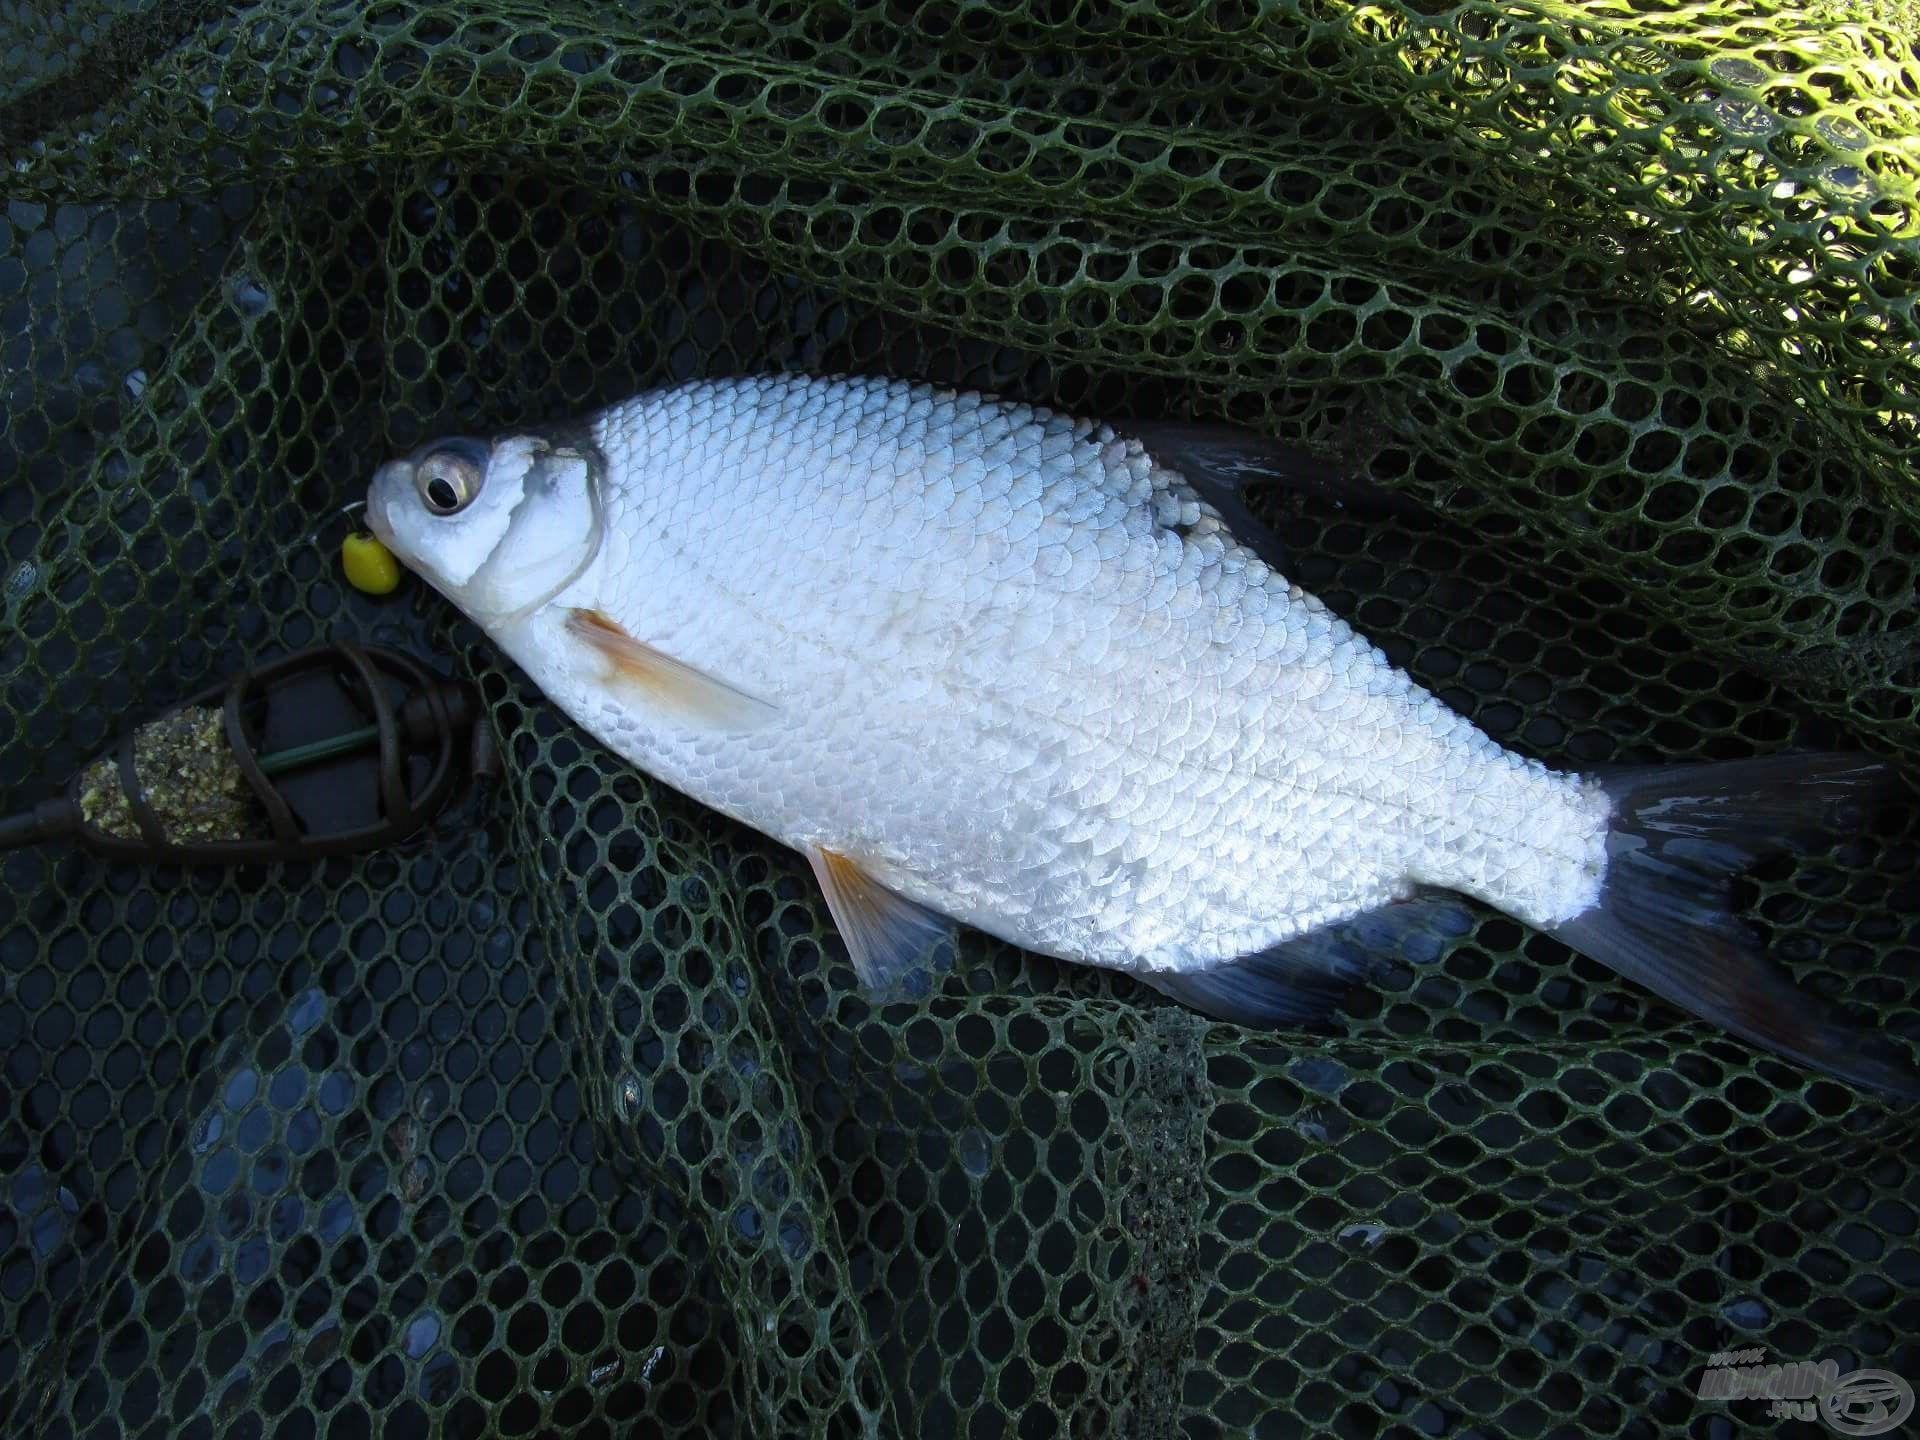 A természetes vízben élő halak érzékenyek a zavarásra, de az ananászos SpéciCorn segítségével sikerült horogra csalni egy újabb zalai karikát, majd valamivel később egy másikat